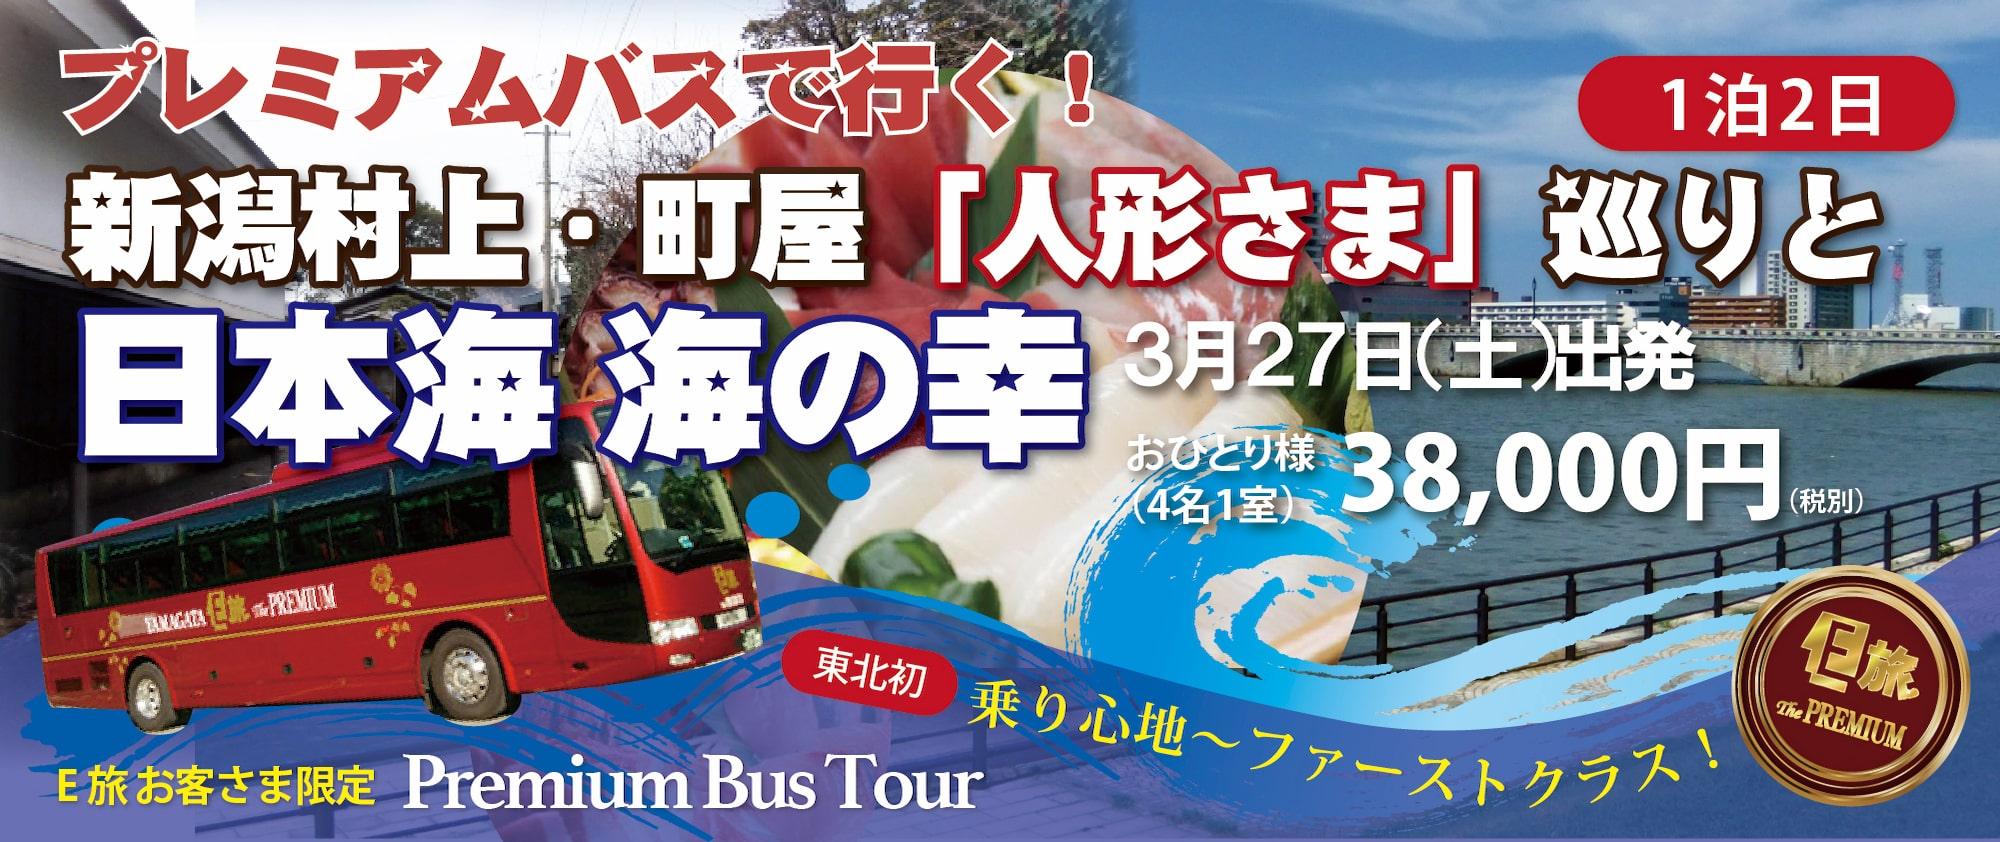 プレミアムバスで行く!新潟村上・町屋「人形さま」巡りと日本海 海の幸